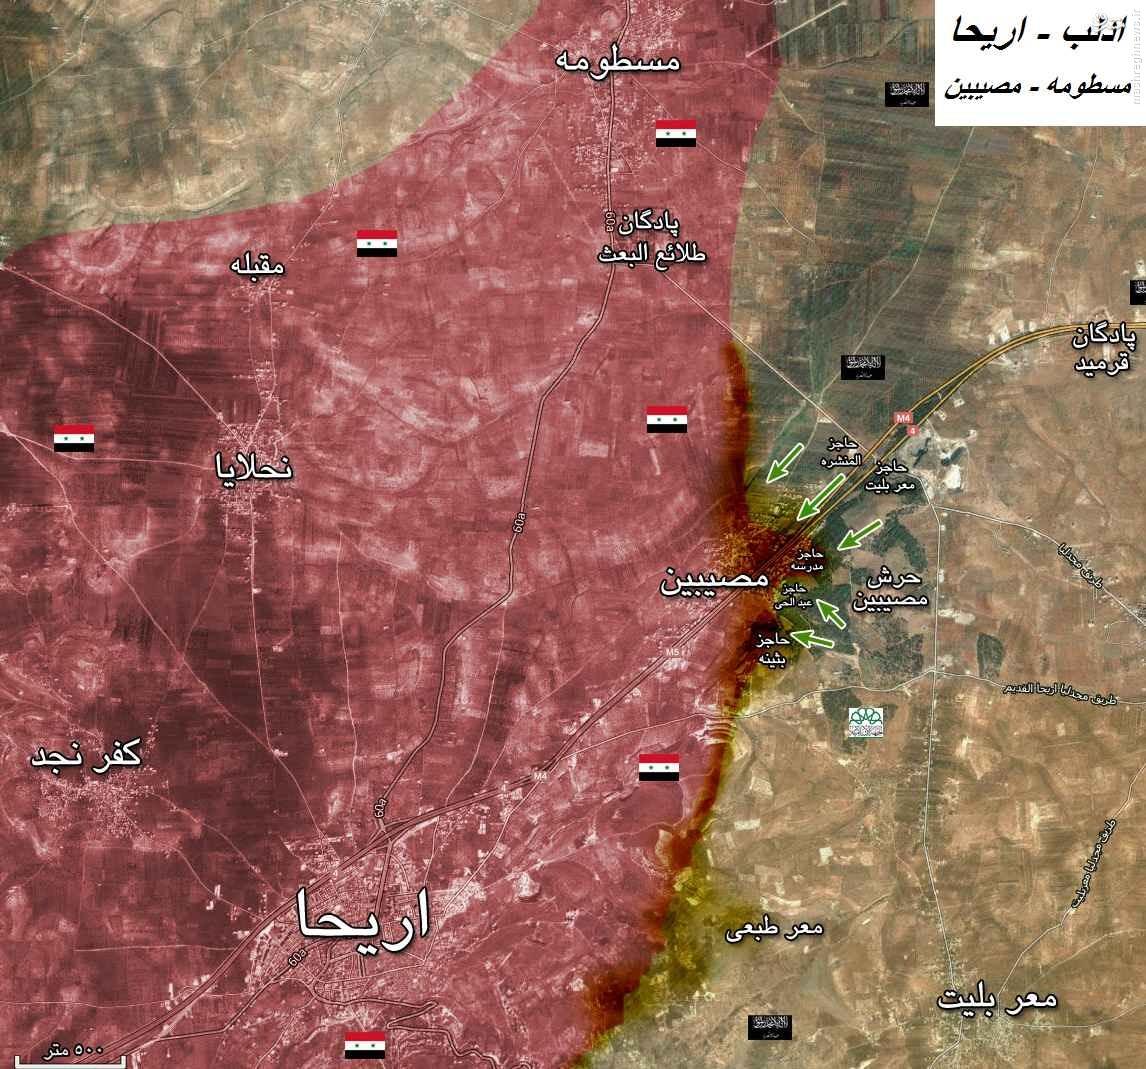 اریحا هم اشغال شد!/ادامه عقب نشینی های چندین کیلومتری ارتش سوریه/منتفی شدن عملیات باز پس گیری ادلب